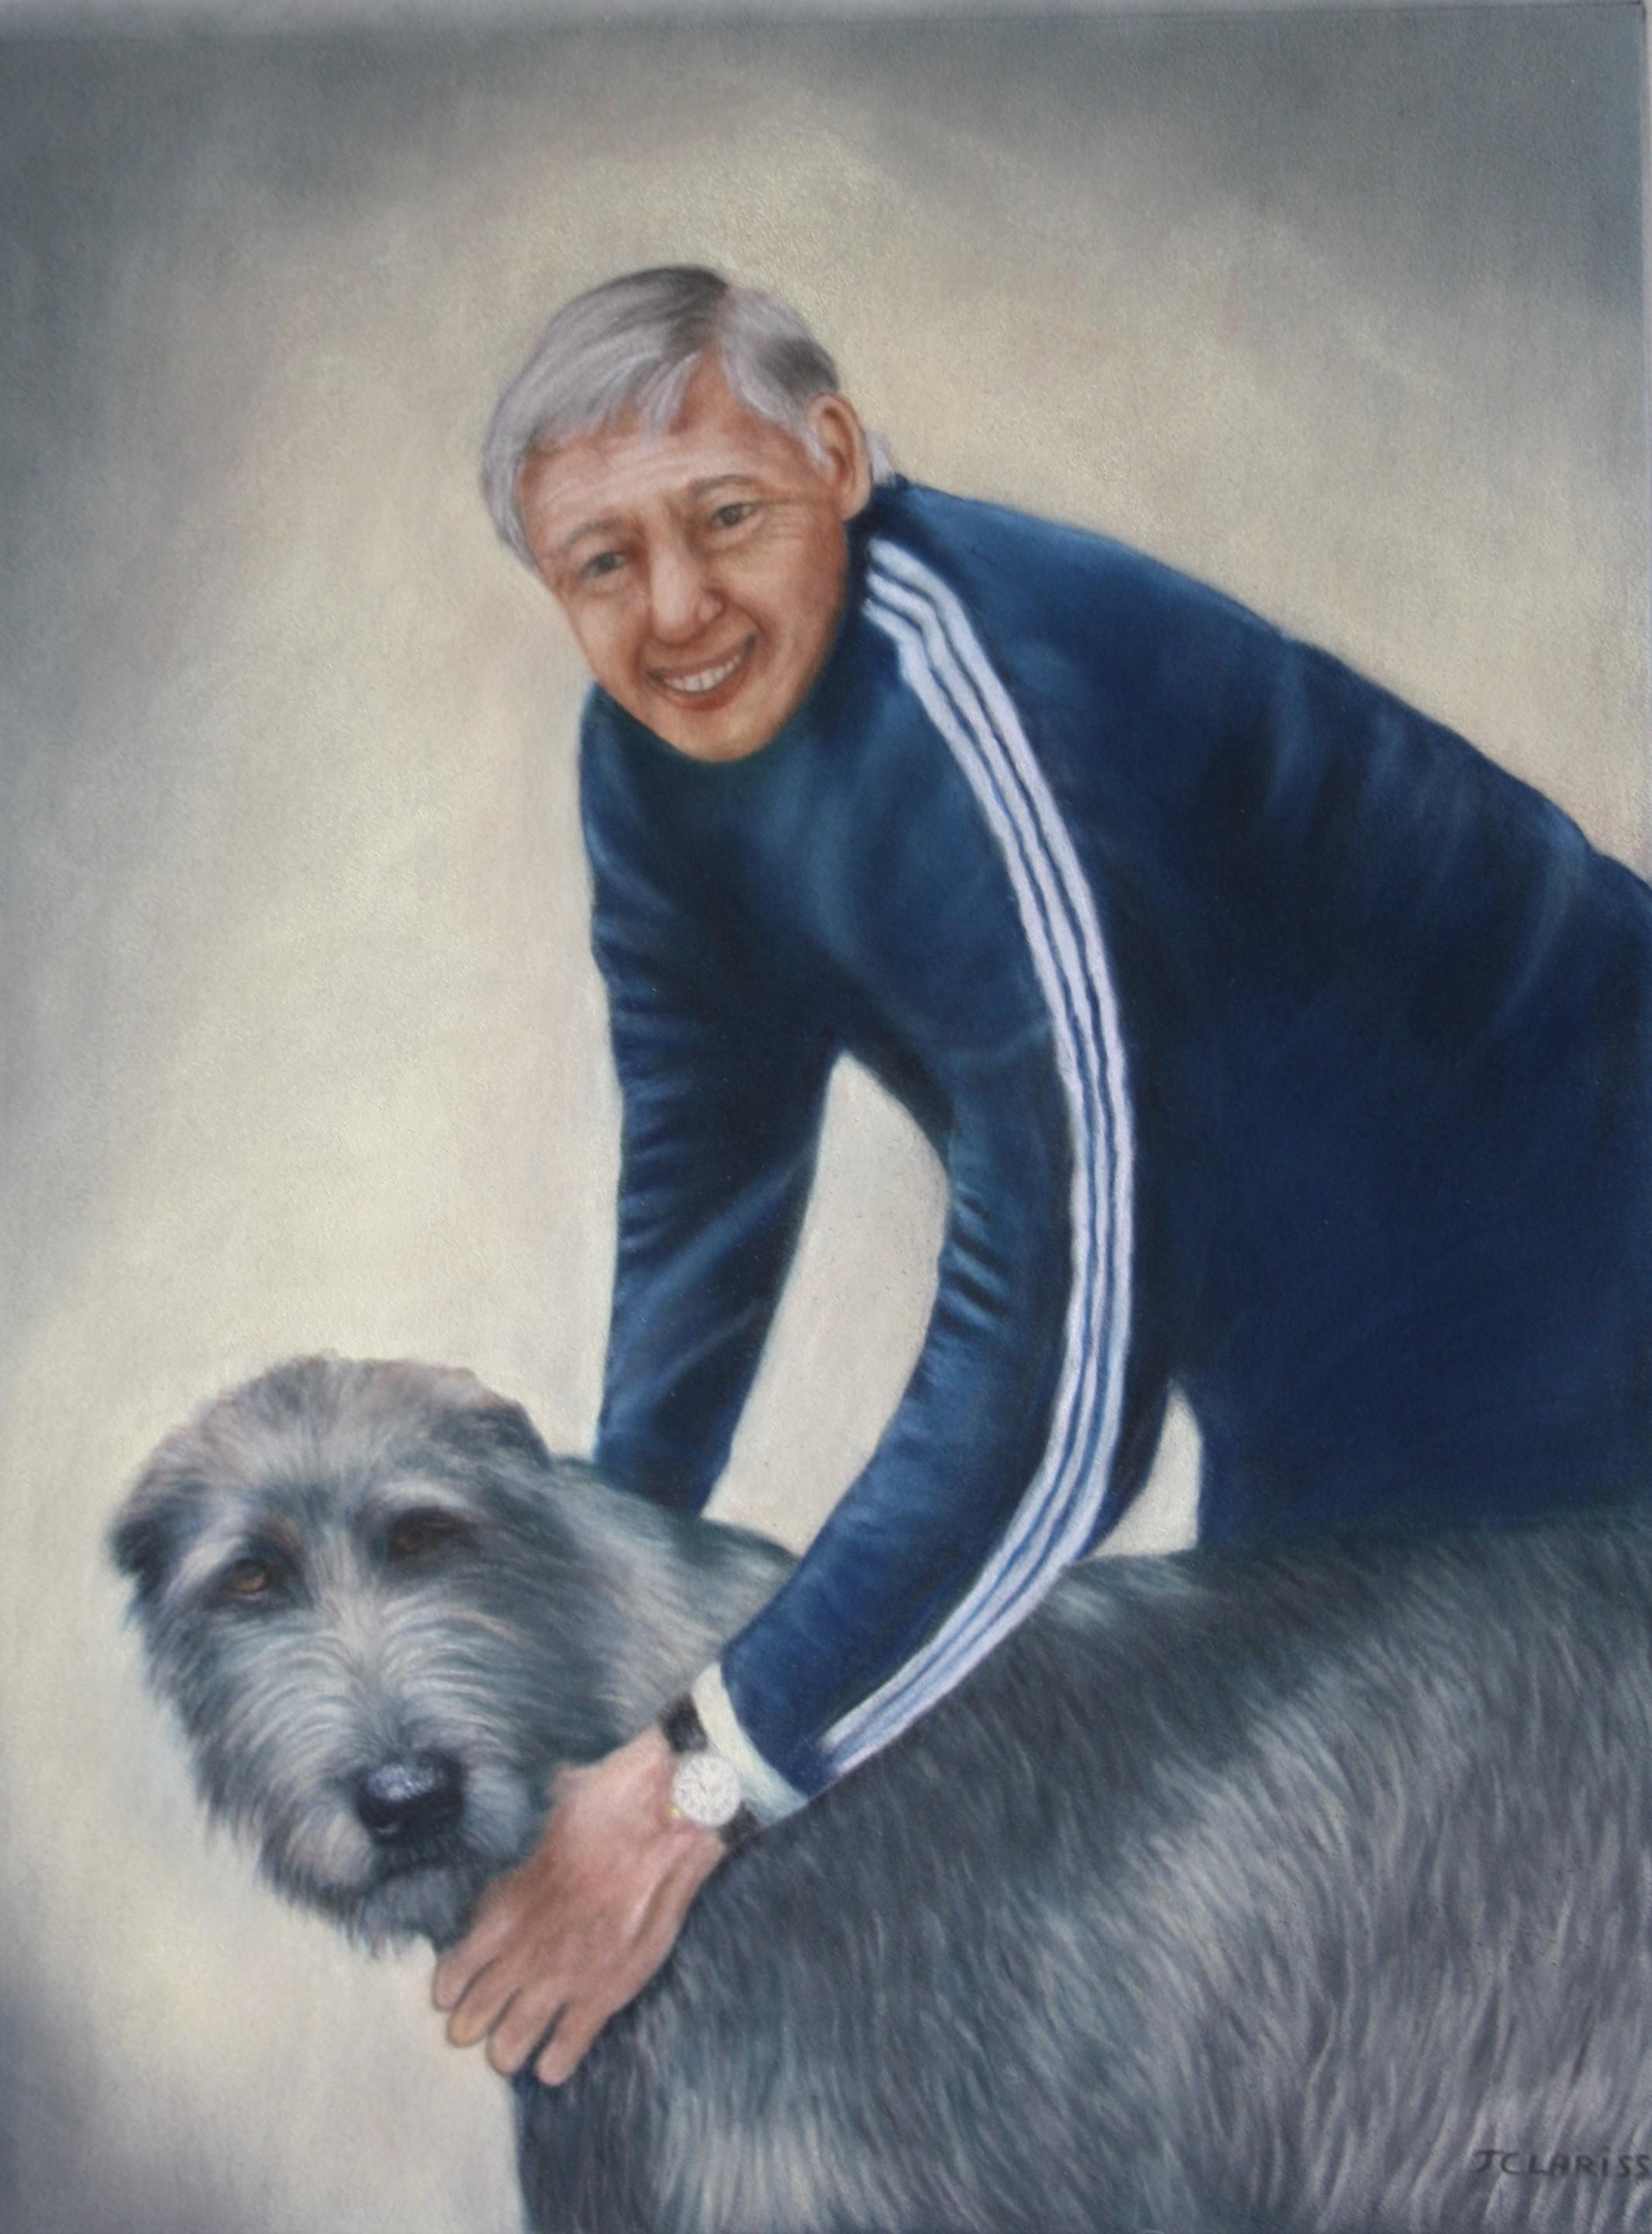 Mon père avec un Irish Wolfhound